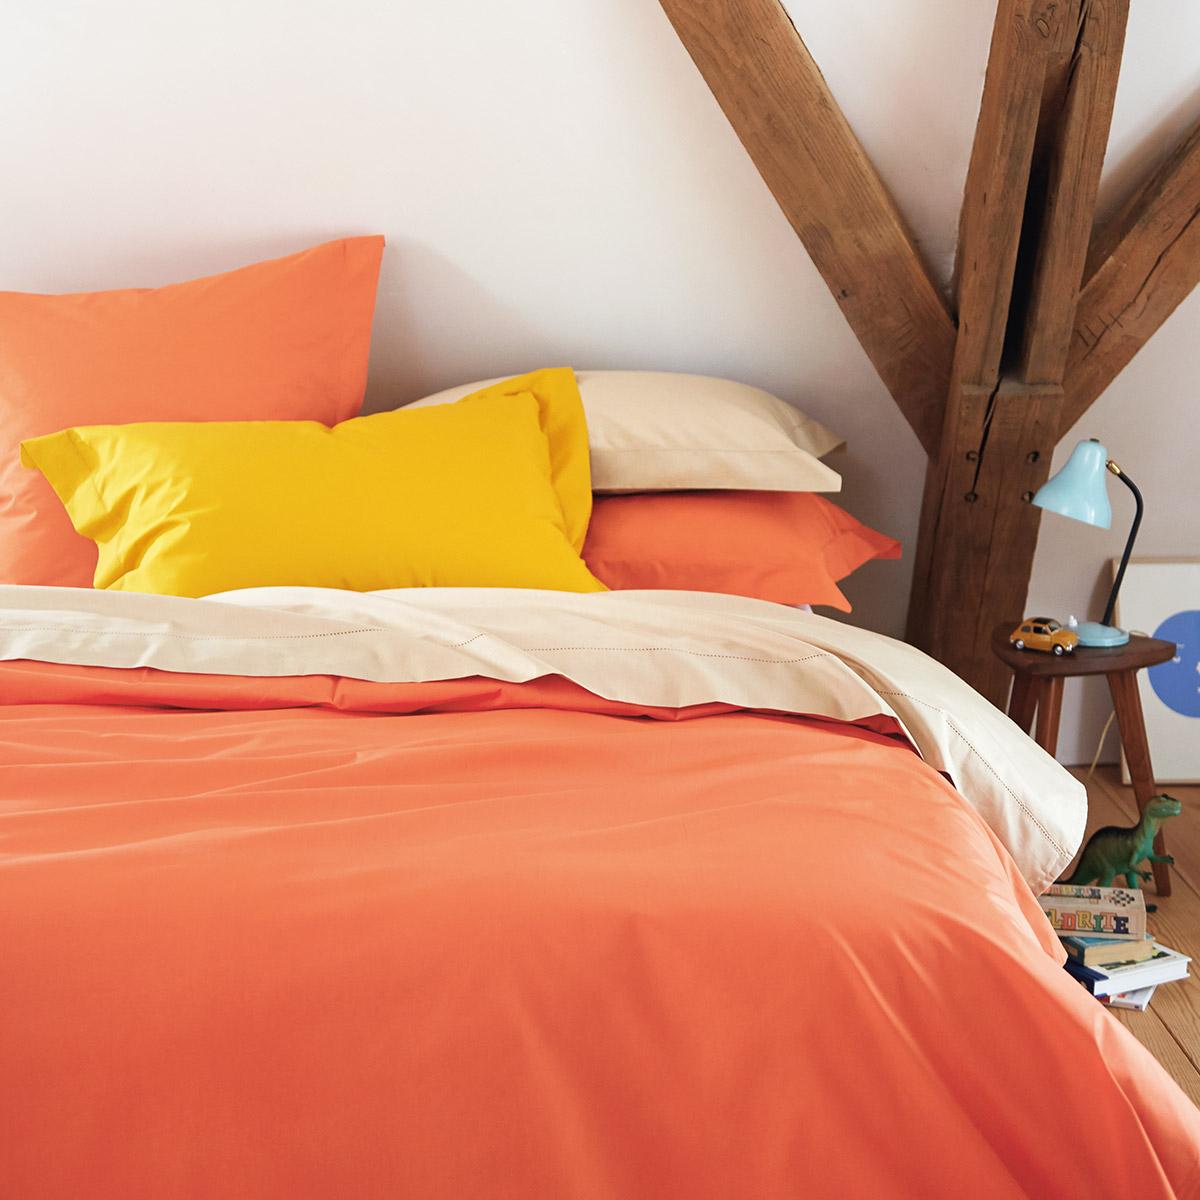 Housse de couette percale Orange 240 x 220 cm